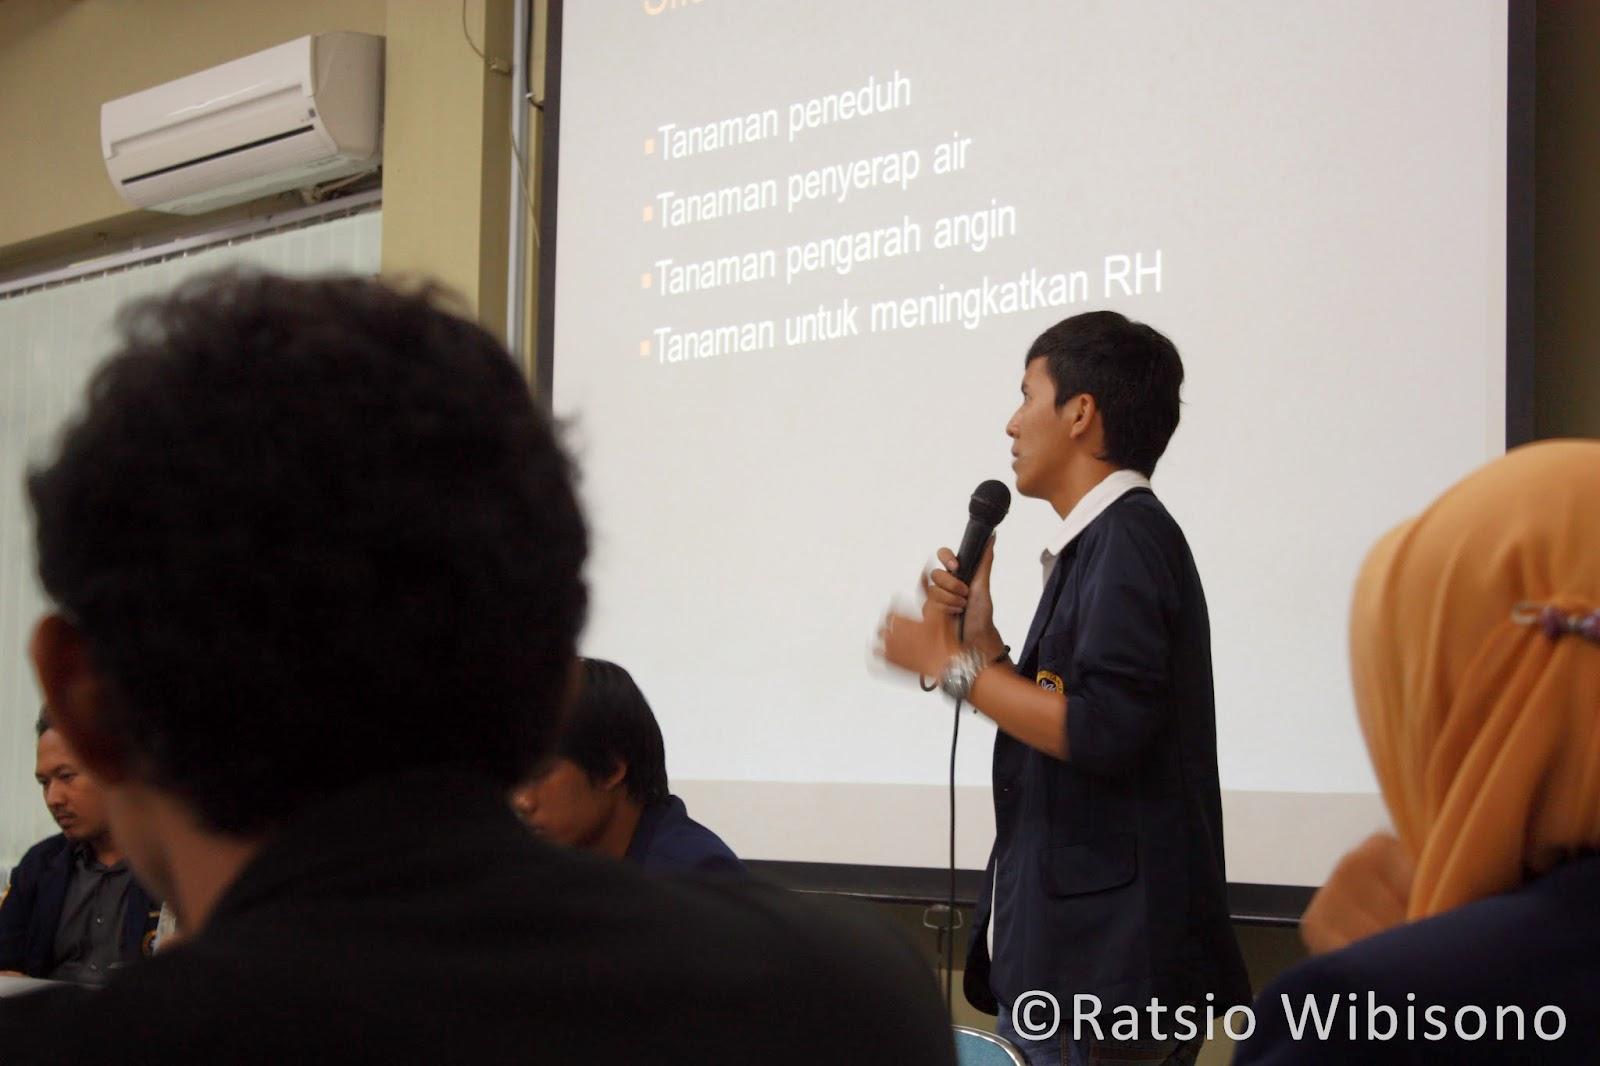 Langkah-langkah untuk presentasi dengan baik